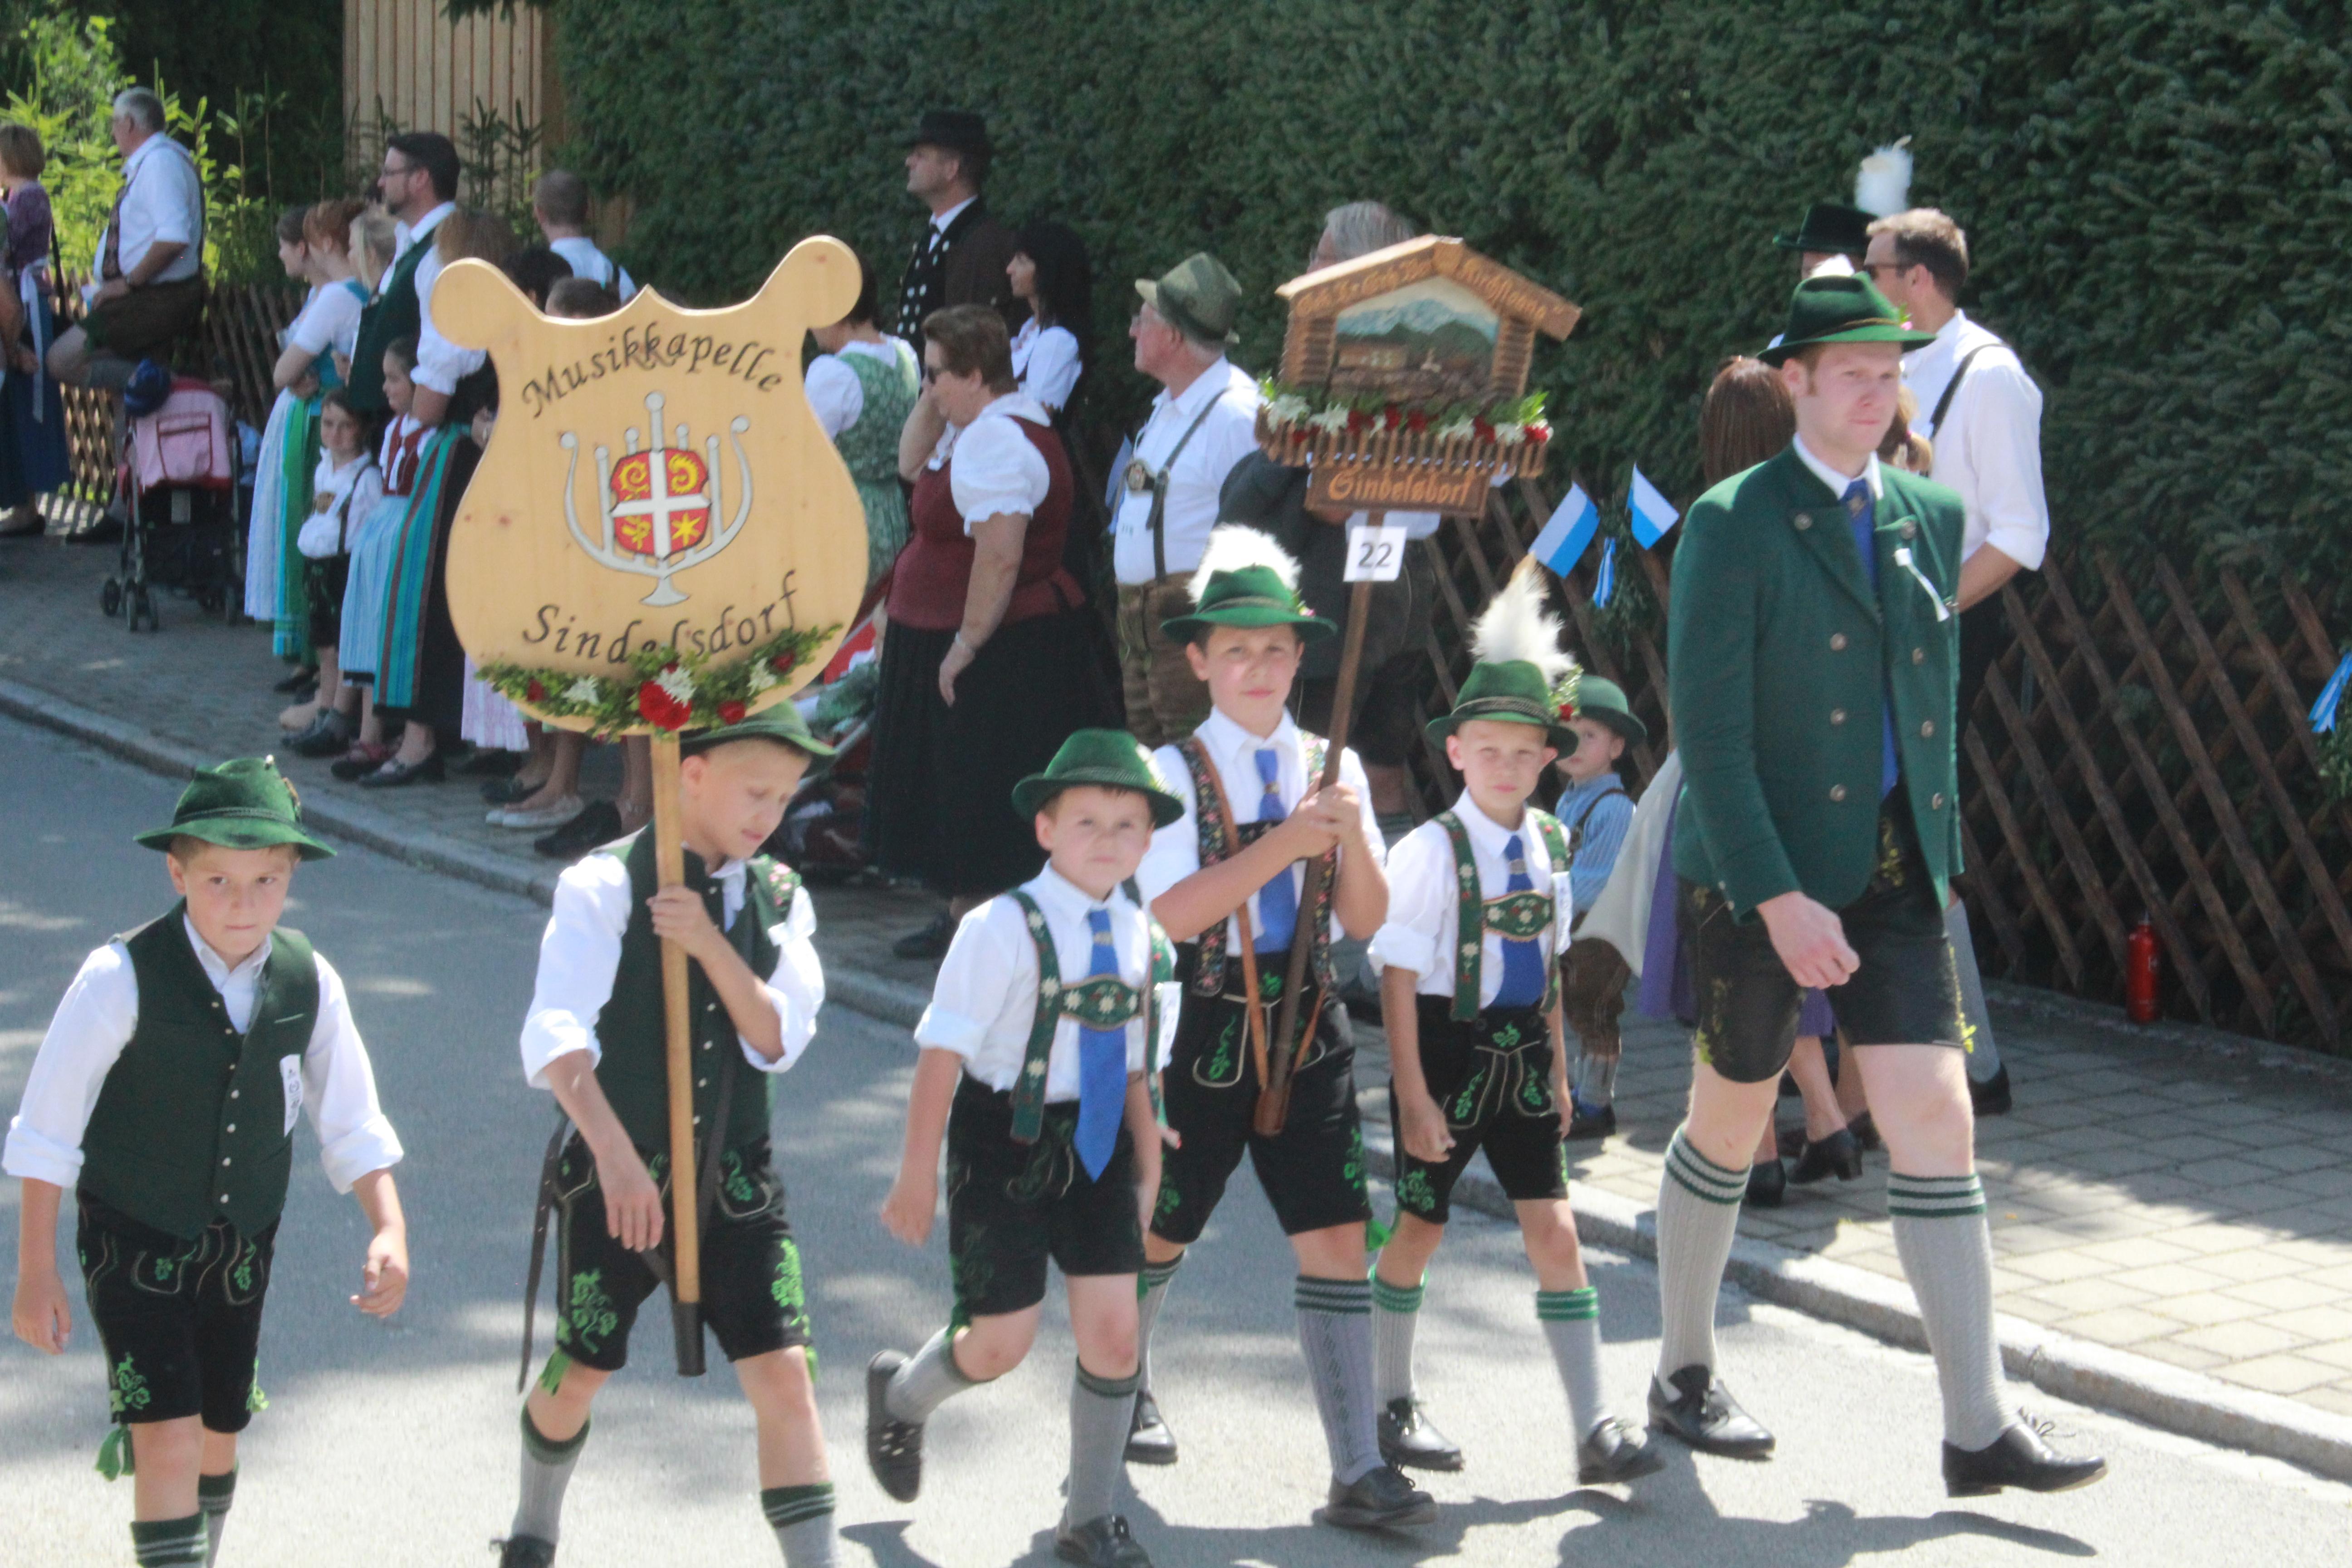 Sindeldorf Festzug